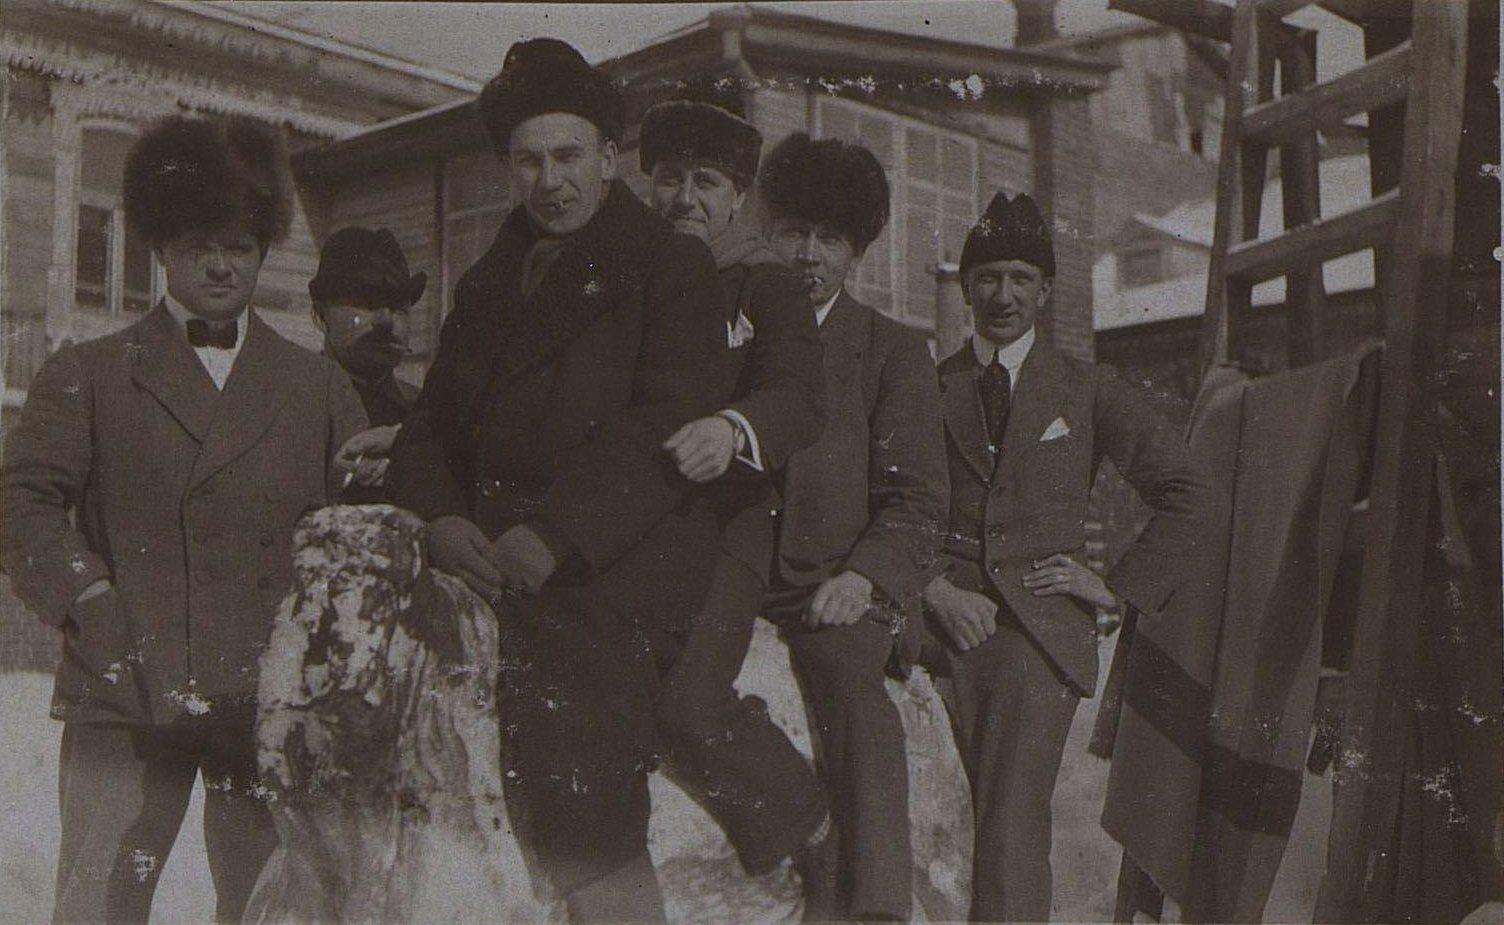 Портрет группы служащих русско-азиатской компании зимой во дворе дома. Ново-Николаевск. 1919